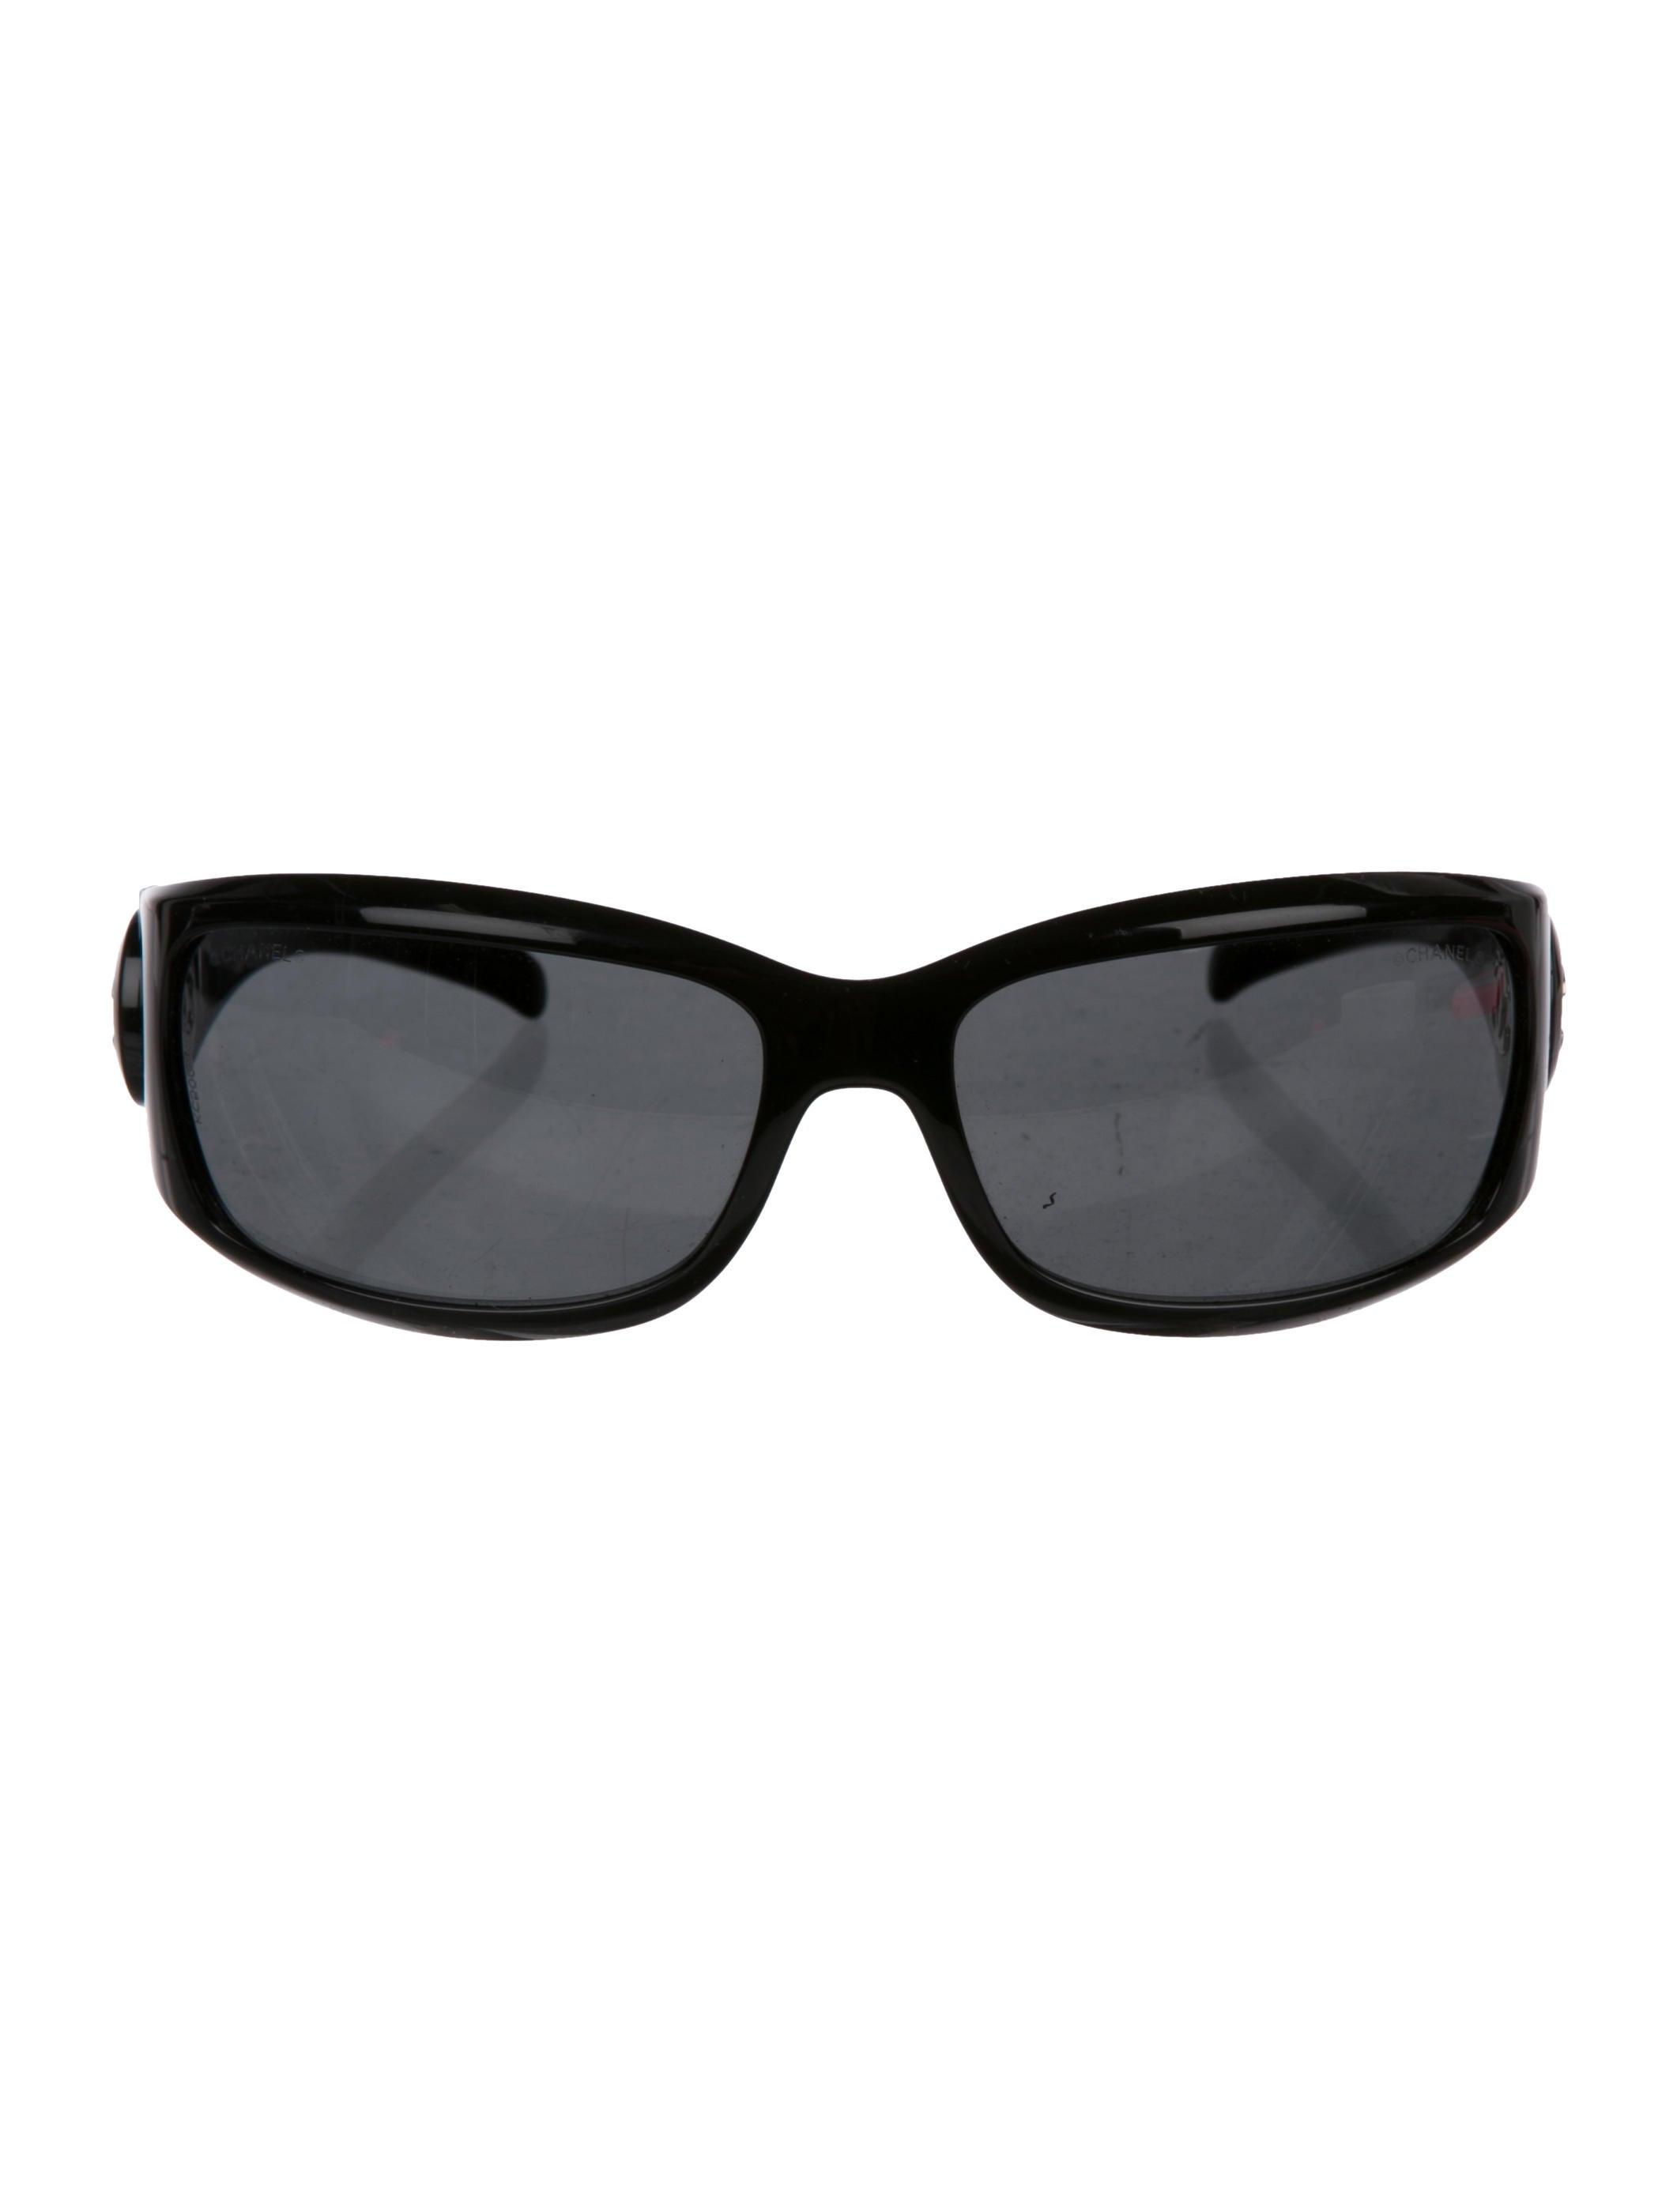 6da27e122b Chanel Tinted CC Sunglasses - Accessories - CHA275570